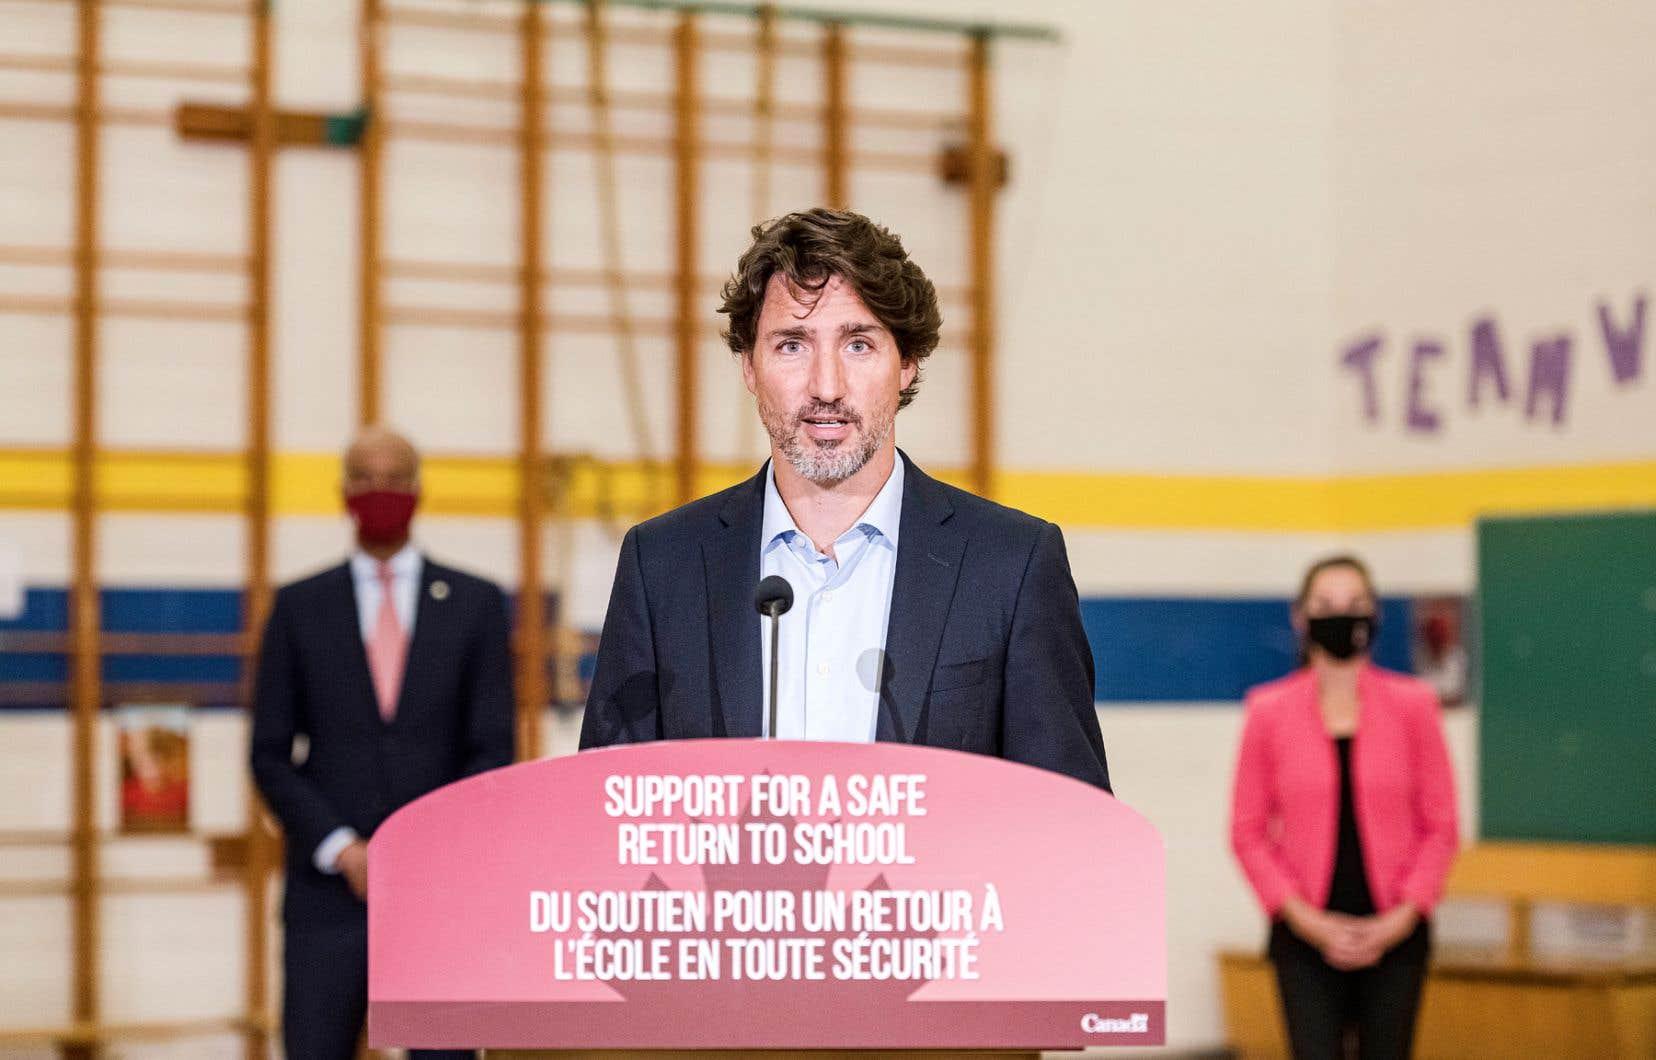 Les 2 milliards versés par Ottawa aux provinces devront servir à «adapter les milieux d'apprentissage», par exemple en facilitant l'enseignement à distance.